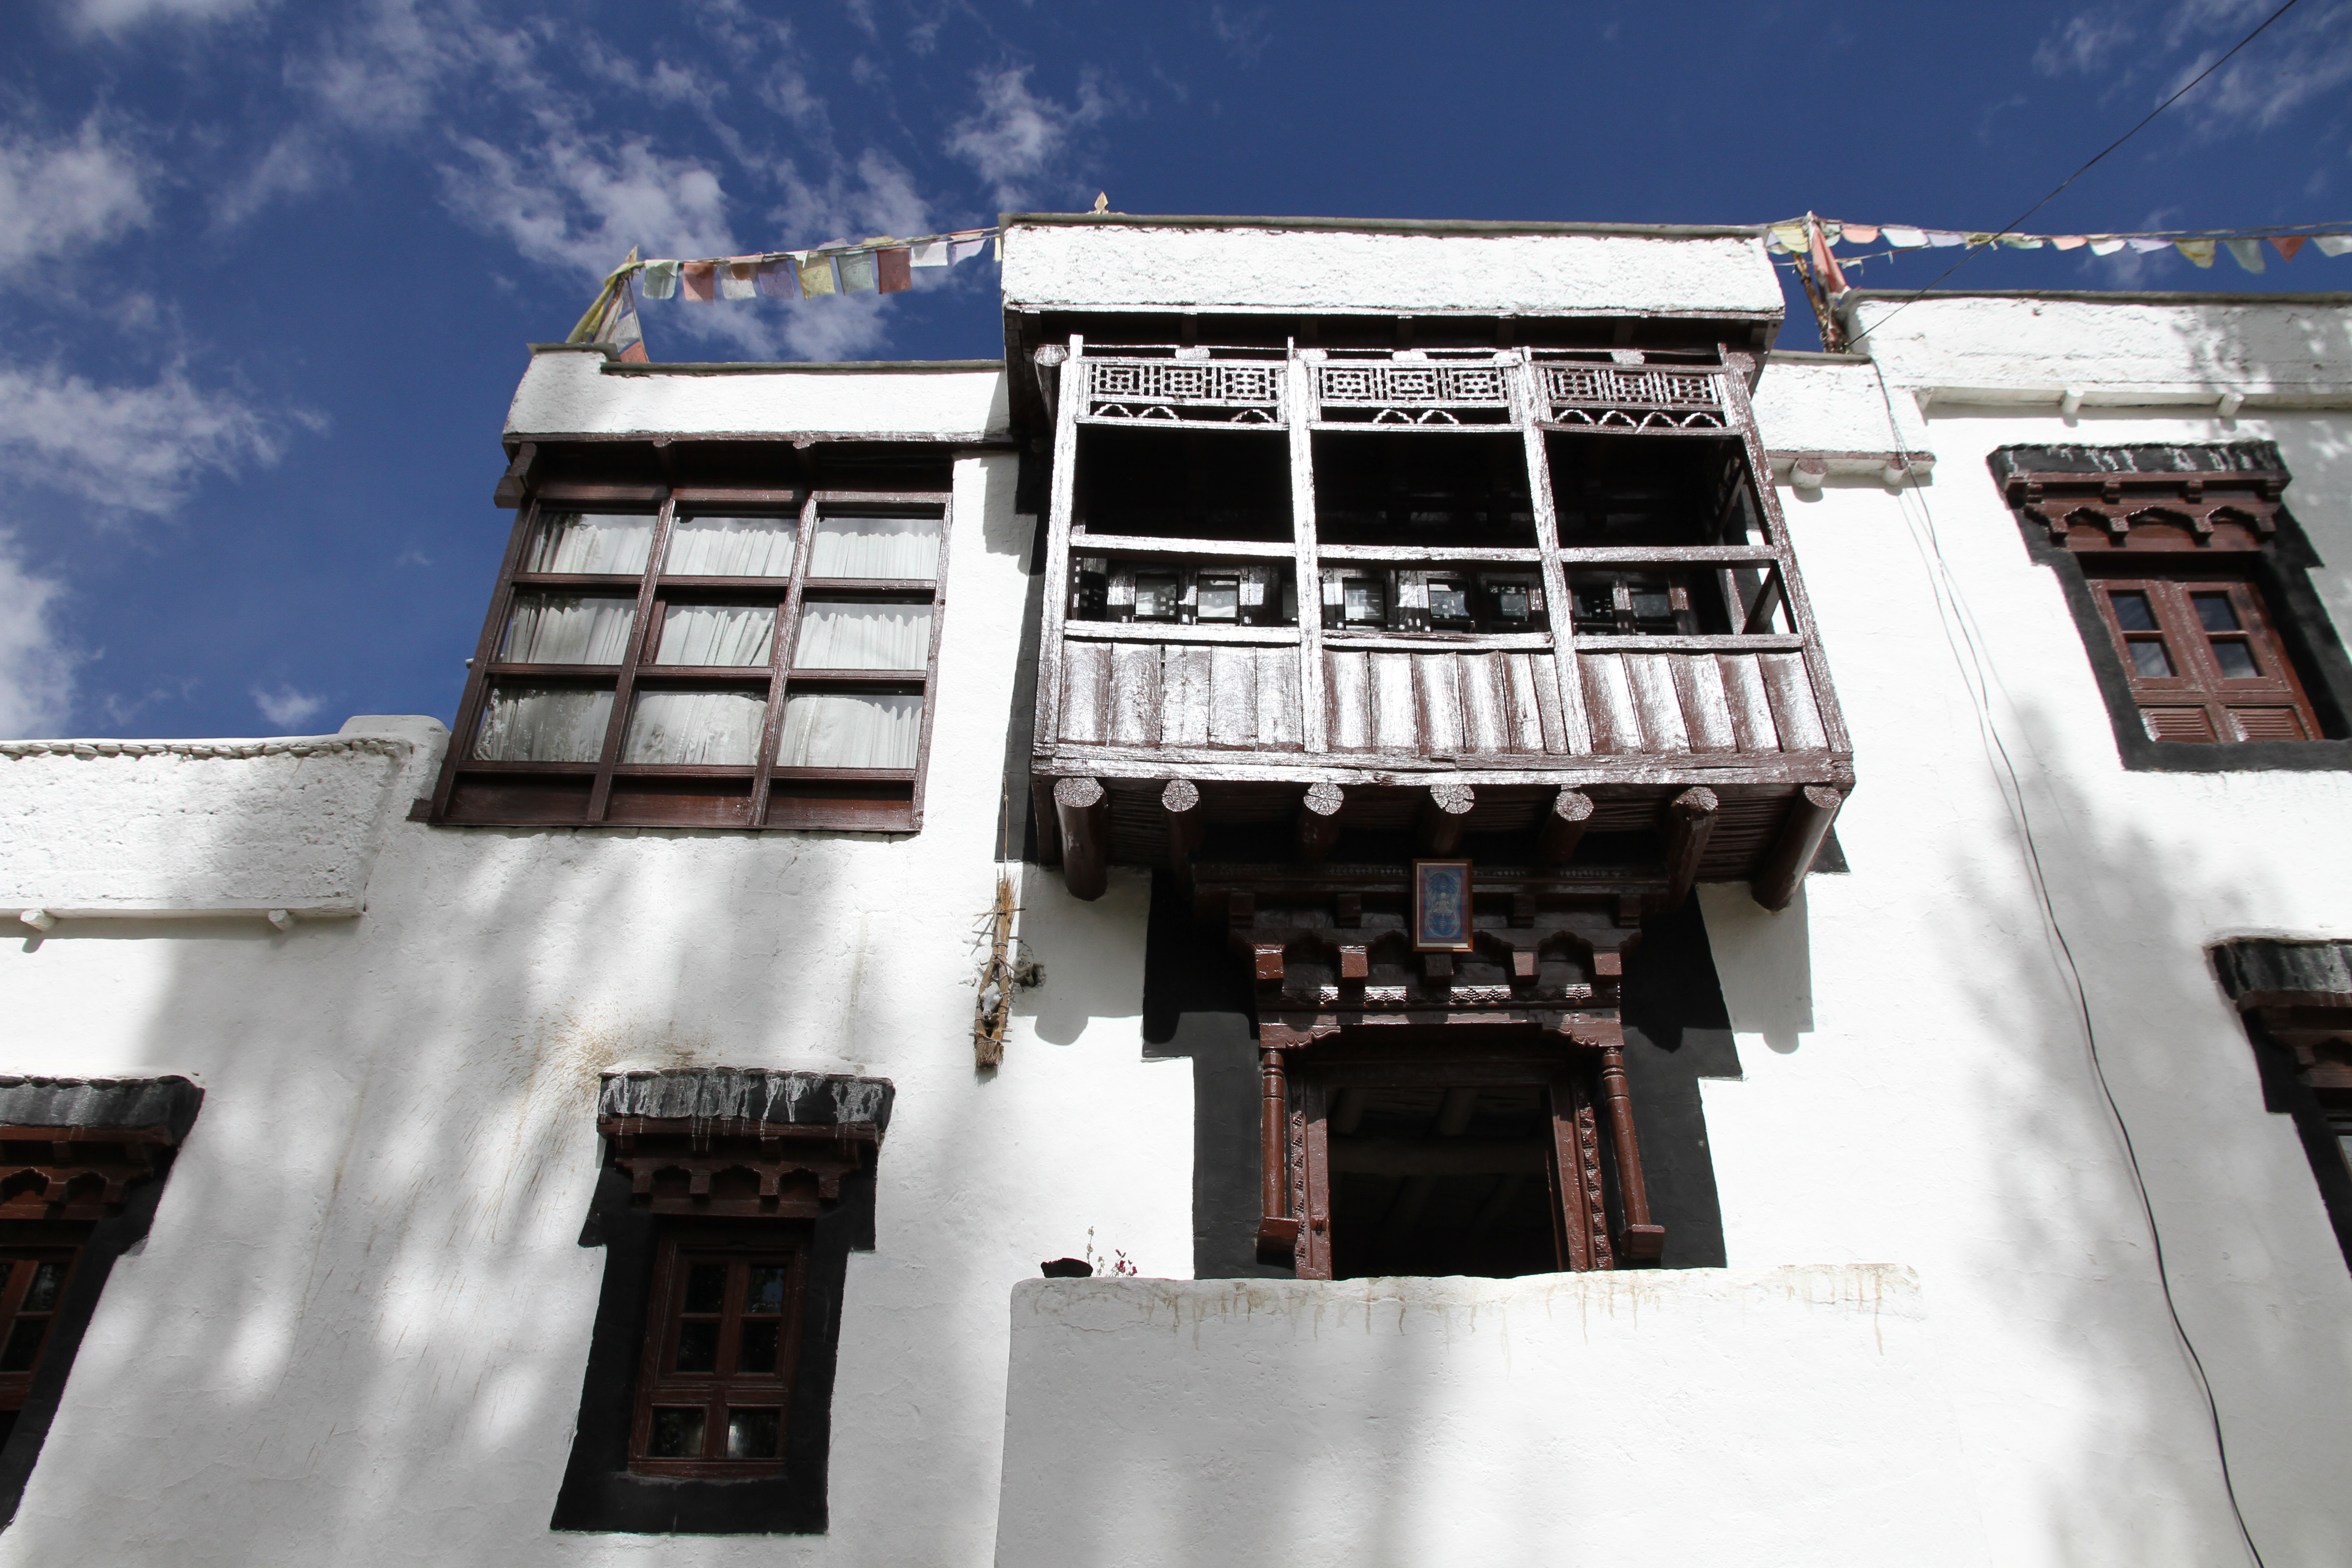 Mönche, Reisen, Reisefeder, Travelblog, Blogger, Indien, Ladakh, Klöster, Nordindien, Himalaya, Shakti